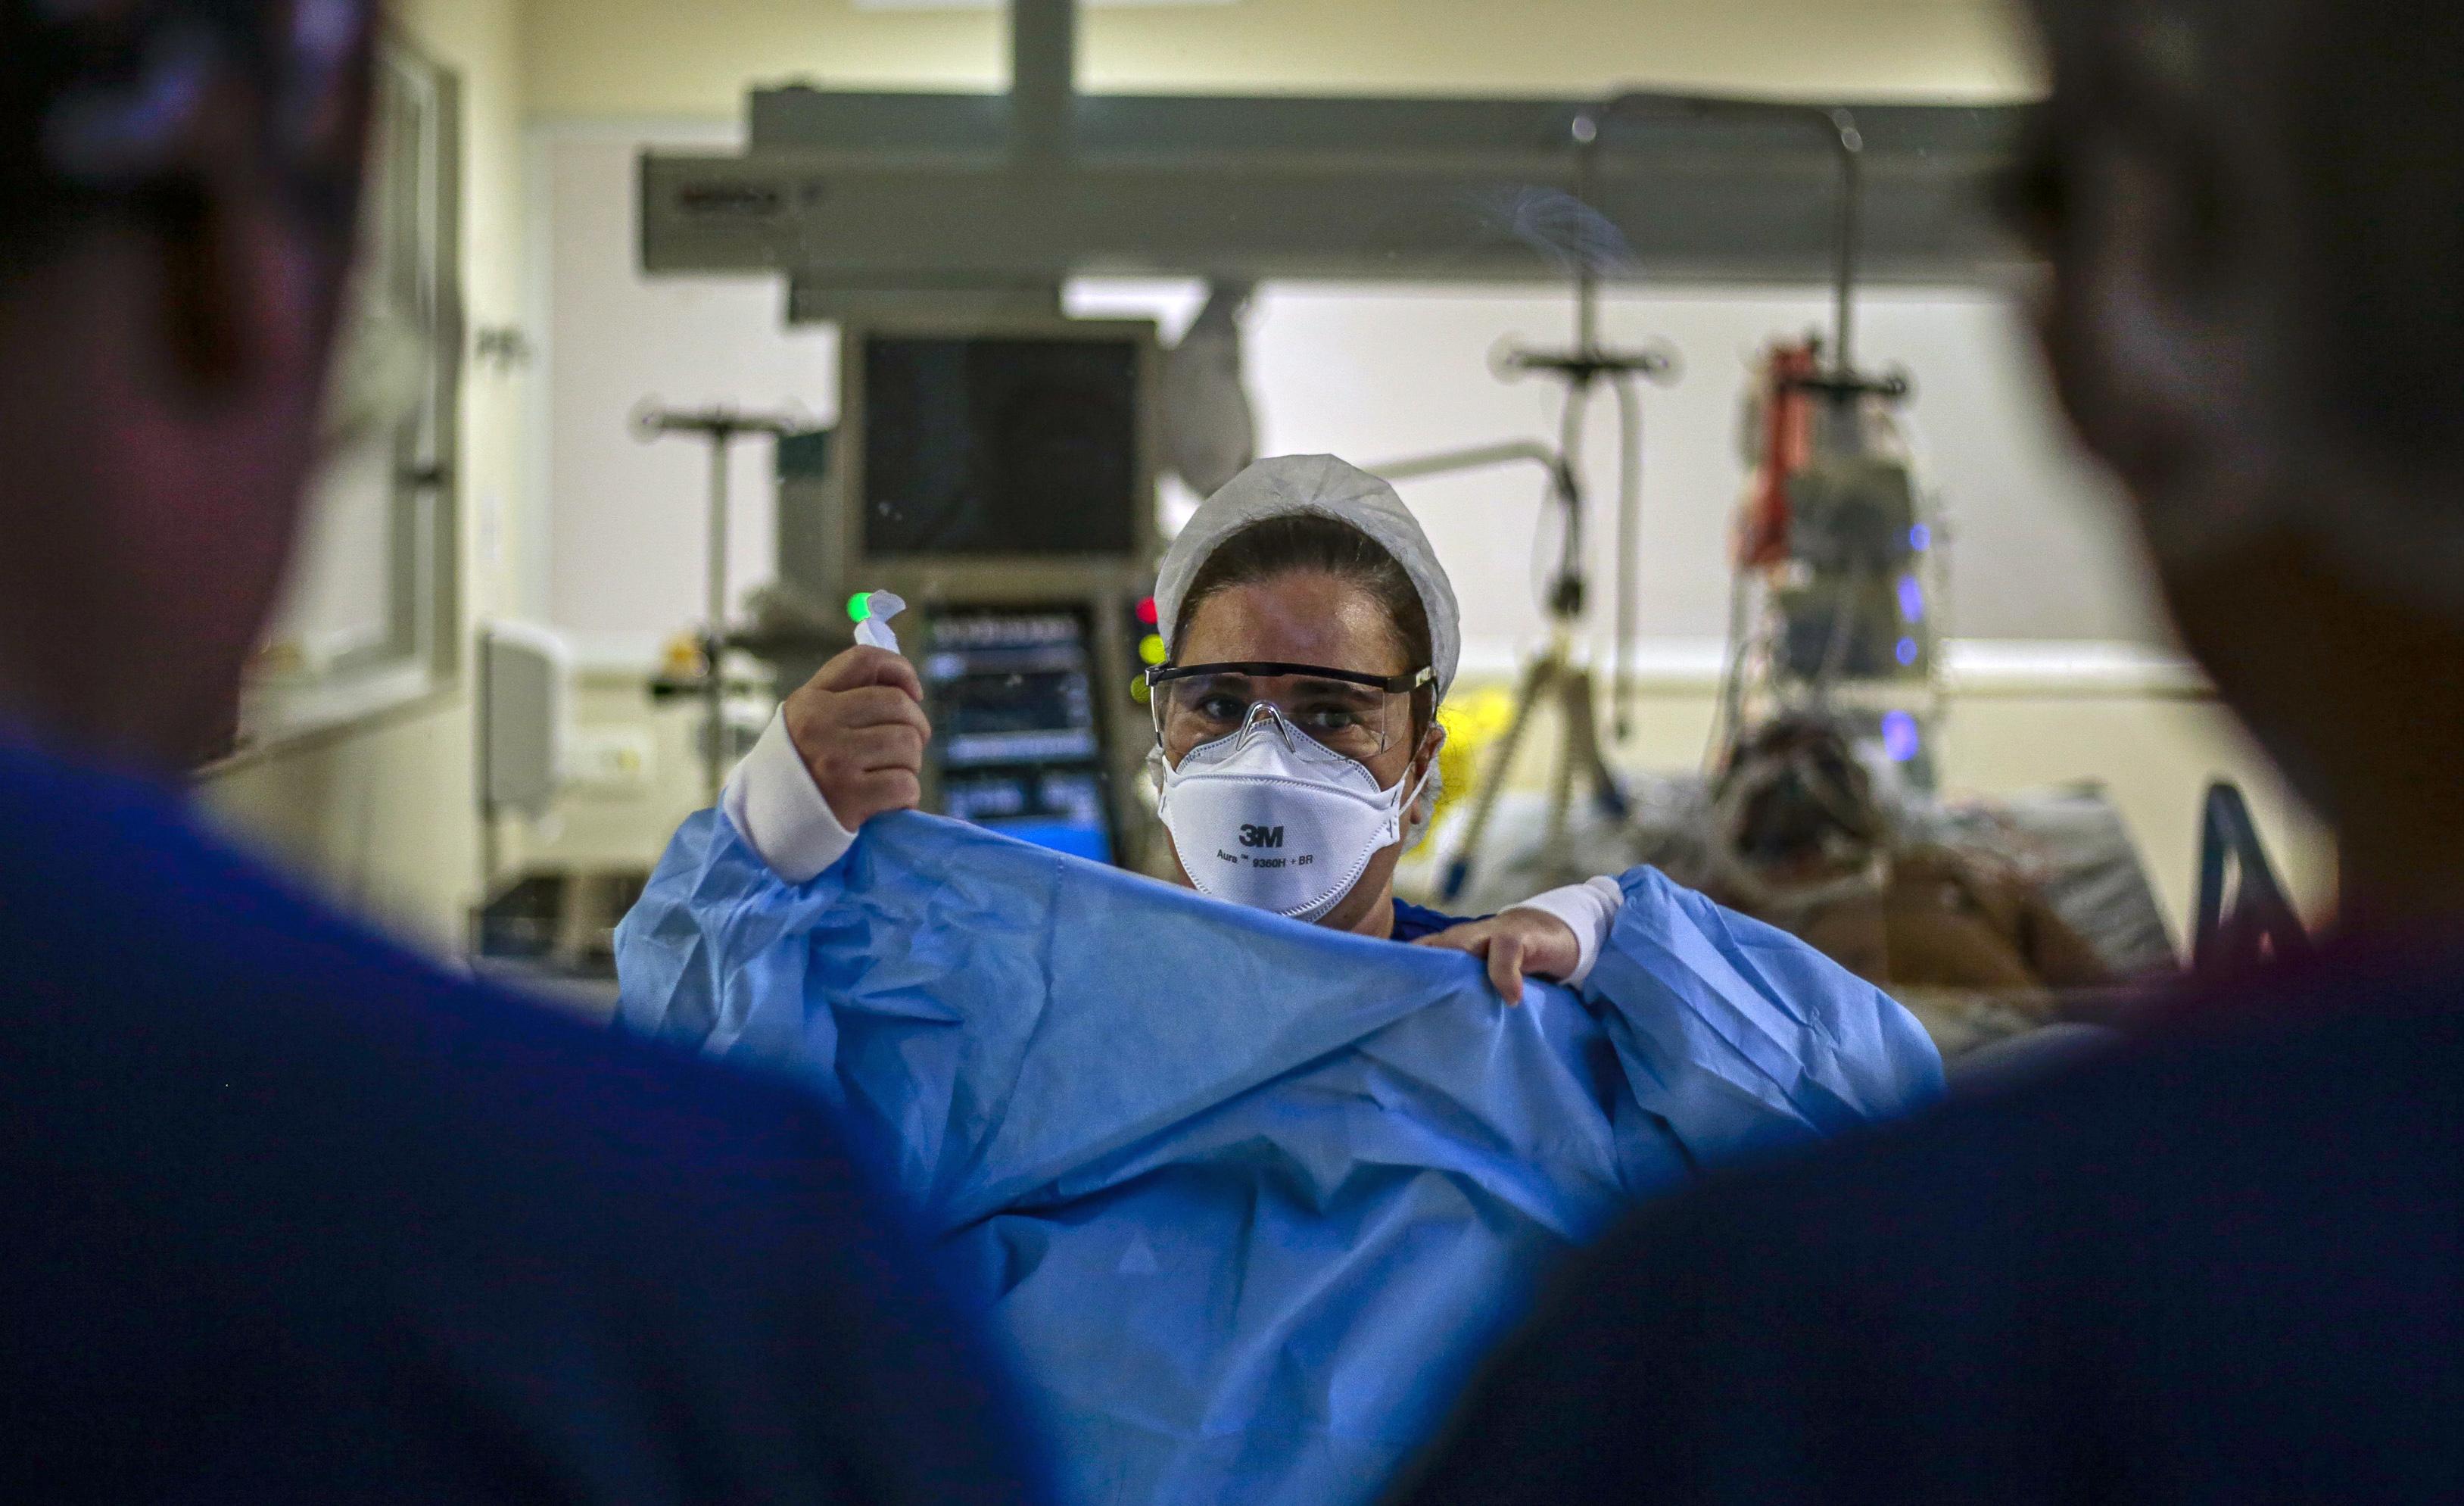 Profissional de saúde veste roupa cirúrgica dentro e uma instalação hospitalar